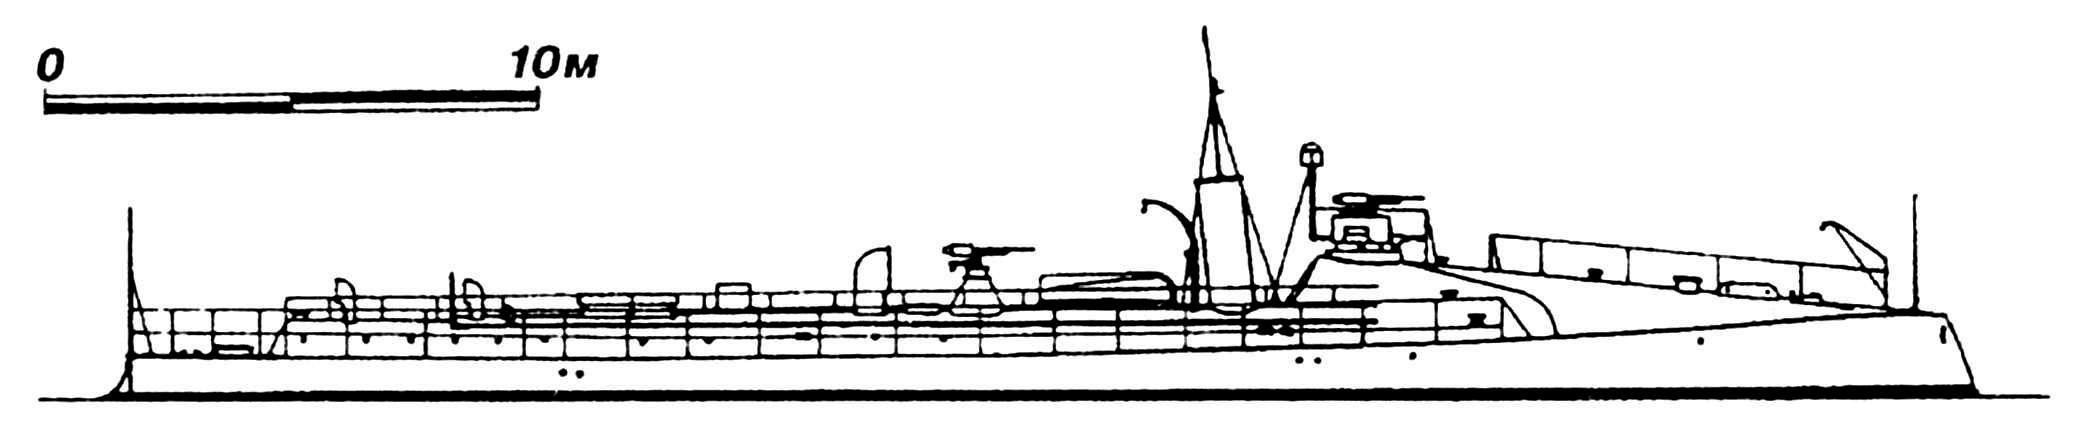 31.Миноносец «Ретамоса», Испания, 1886 г. Строился в Англии фирмой «Ярроу» по образцу русского «Сухума». Водоизмещение нормальное 70 т. Длина наибольшая 36,6 м, ширина 3,8 м, осадка 1,68 м. Мощность одновальной паросиловой установки 700 л.с., скорость на испытаниях 20,25 узла. Вооружение: два носовых 356-мм торпедных аппарата, две 25-мм пушки. Исключен из списков флота в 1900 г.